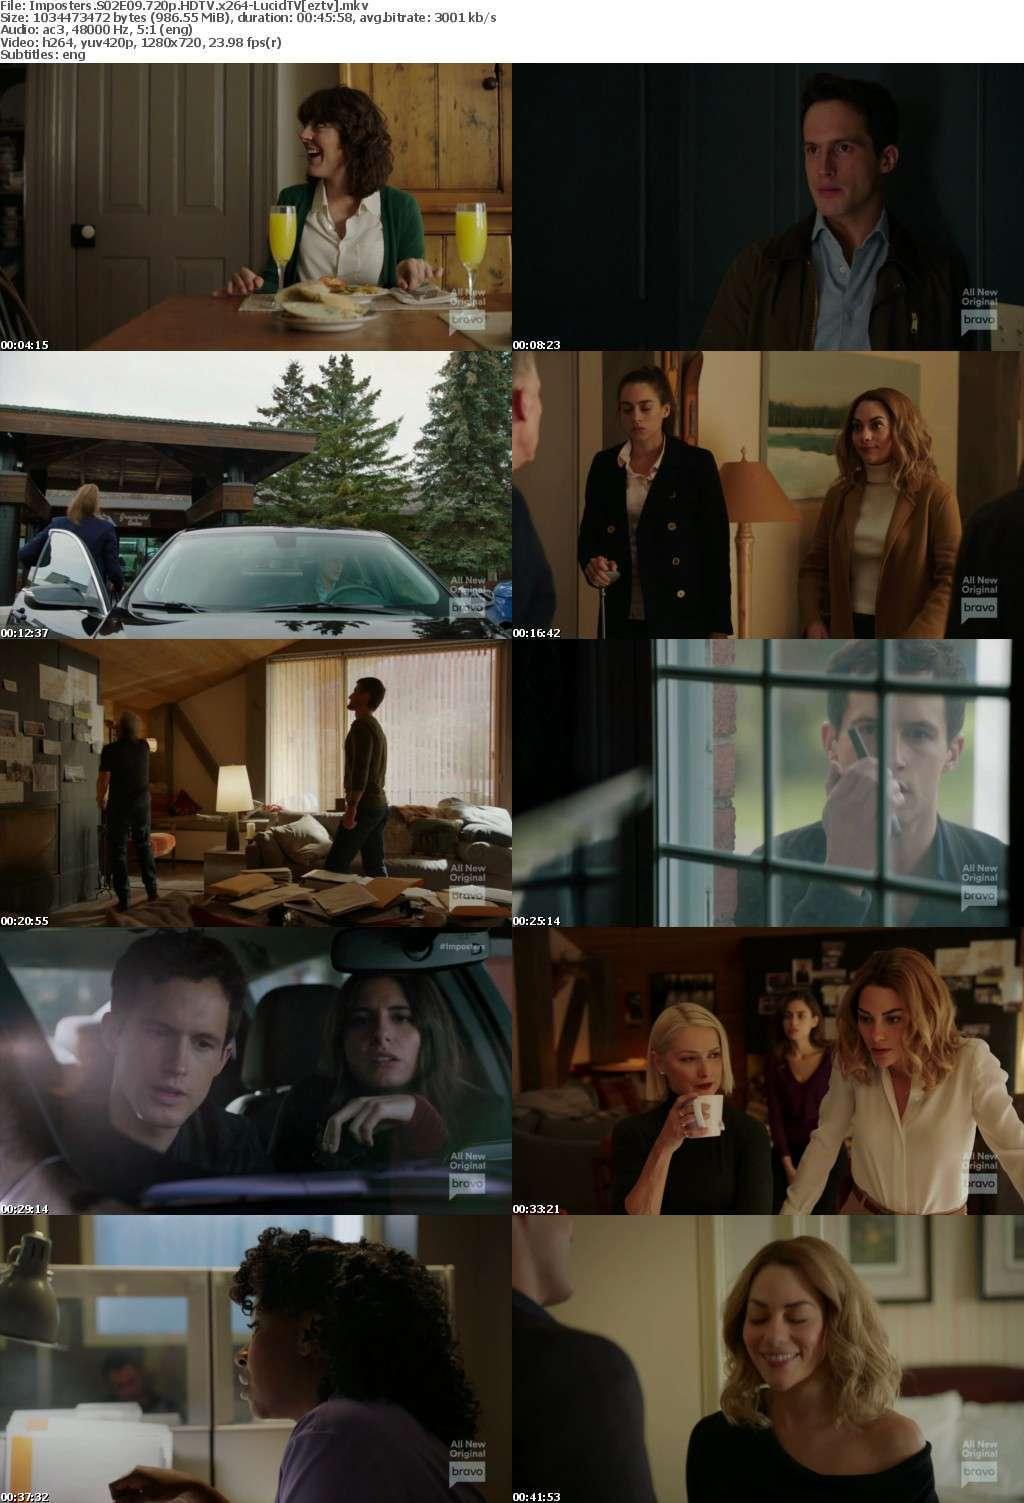 Imposters S02E09 720p HDTV x264-LucidTV